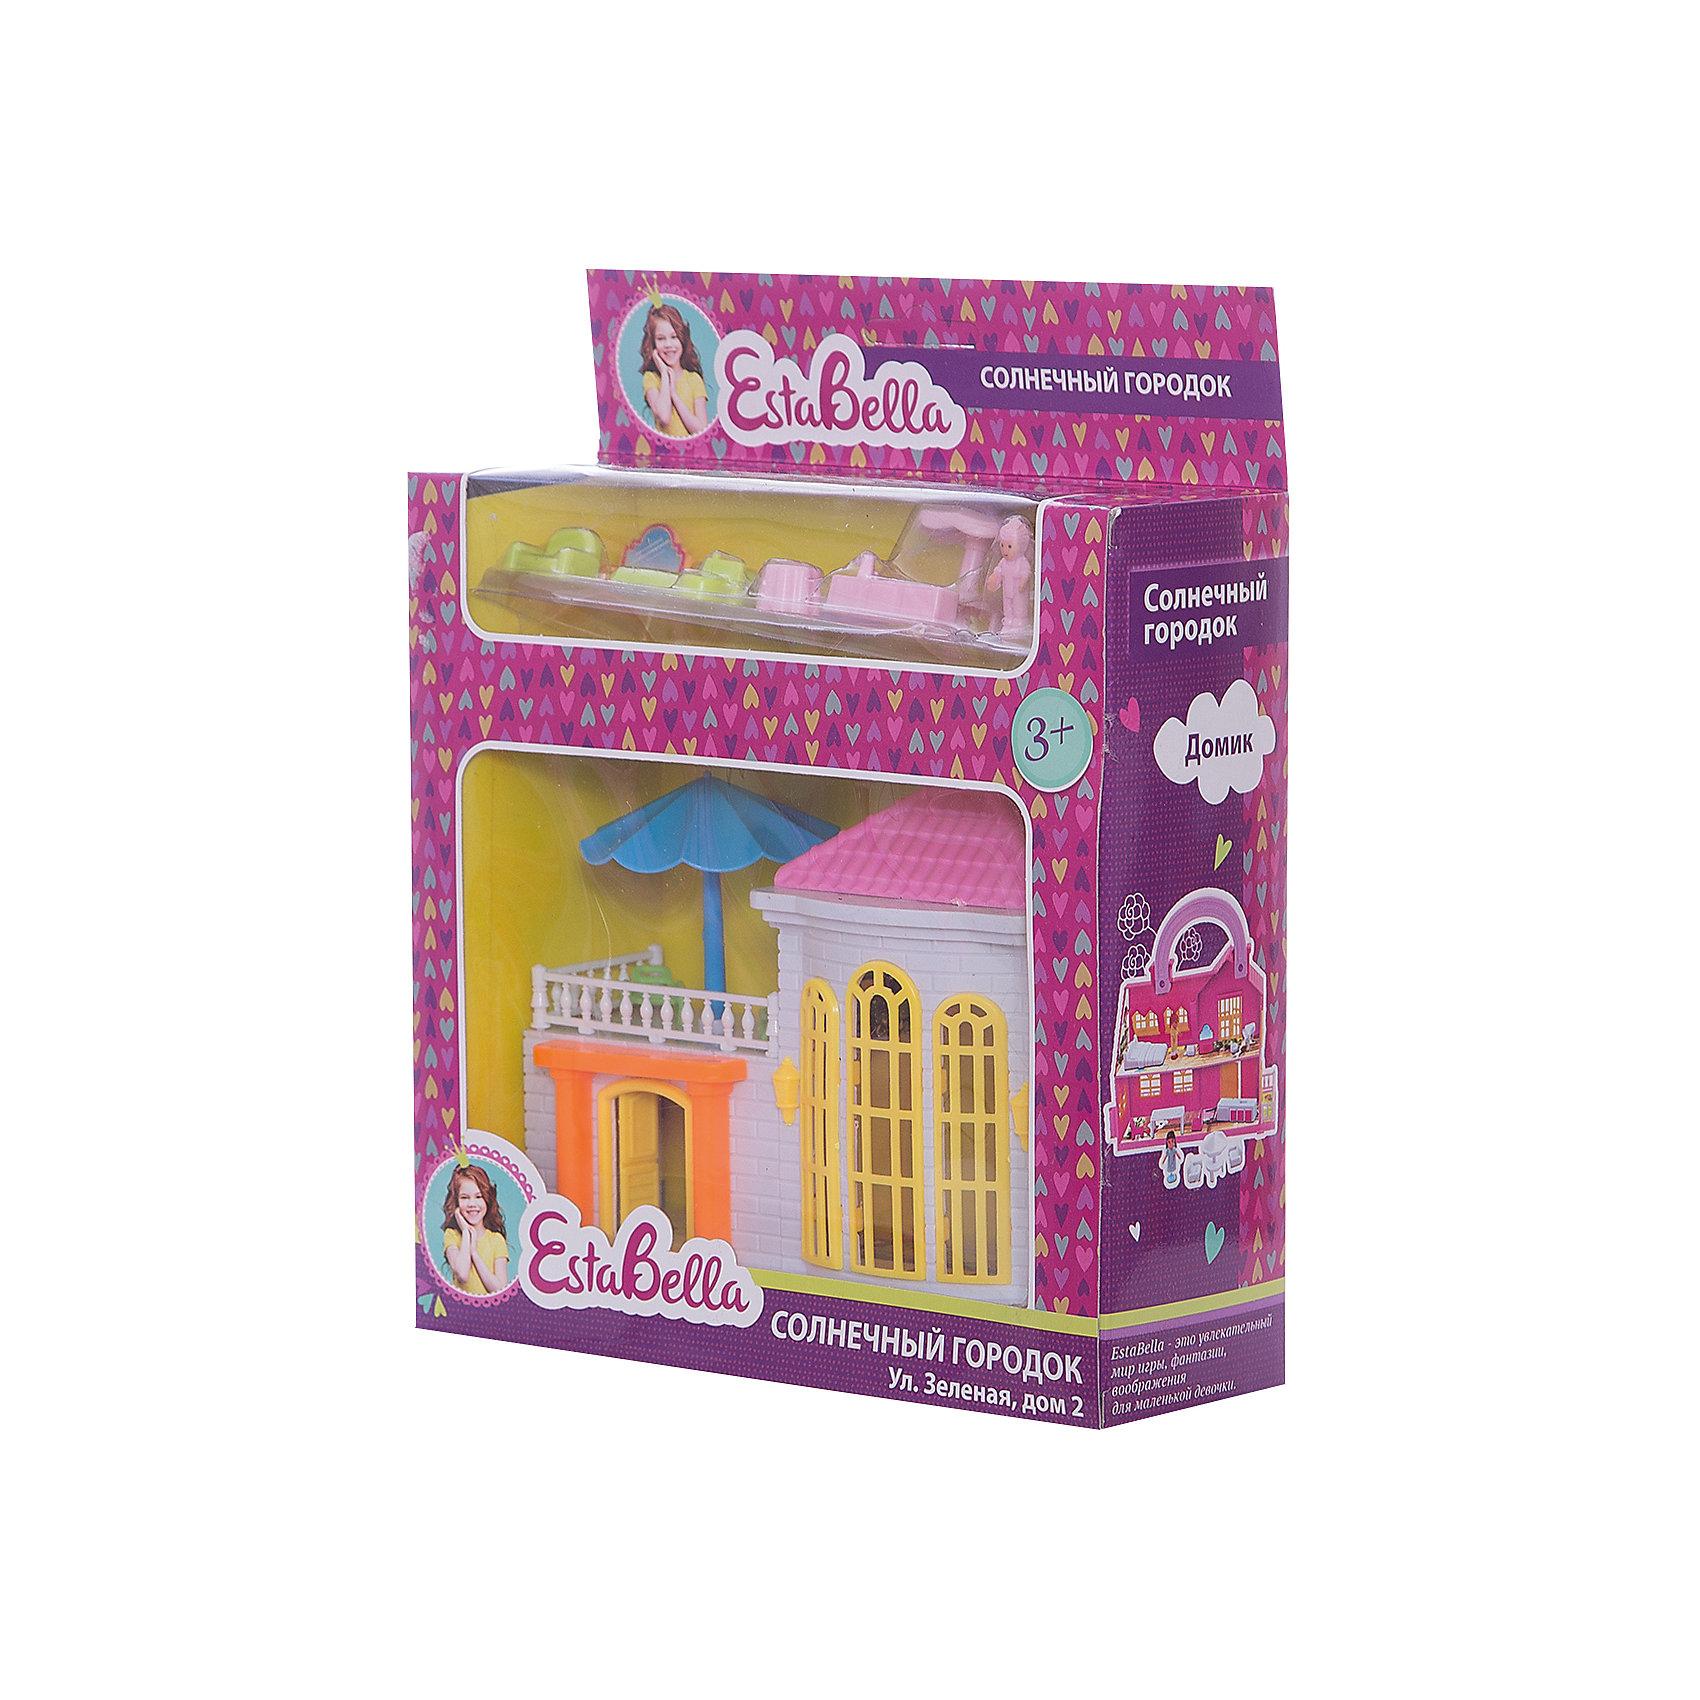 Домик Солнечный городок с мебелью, EstaBellaИгрушечные домики и замки<br>Домик Солнечный городок с мебелью, EstaBella (Эстабелла) – это красивый домик с мебелью для увлекательных сюжетно-ролевых игр.<br>Домик Солнечный городок с мебелью перенесет вашего ребенка в увлекательный мир игры, фантазии и воображения. Домик выполнен в нежных тонах, оснащен всем необходимым для игры. С помощью данной игрушки ребенок сможет разыграть разнообразные ситуации из жизни. Сюжетно-ролевая игра способствует развитию фантазии и воображения, творческого и логического мышления, речи и навыков общения. Игрушка выполнена из безопасного для детей пластика.<br><br>Дополнительная информация:<br><br>- В наборе: домик, мебель, 2 фигурки людей<br>- Материал: пластик<br>- Размер упаковки: 20х7х17 см.<br>- Вес: 239 гр.<br><br>Домик Солнечный городок с мебелью, EstaBella (Эстабелла) можно купить в нашем интернет-магазине.<br><br>Ширина мм: 200<br>Глубина мм: 70<br>Высота мм: 170<br>Вес г: 239<br>Возраст от месяцев: 36<br>Возраст до месяцев: 72<br>Пол: Женский<br>Возраст: Детский<br>SKU: 4552897